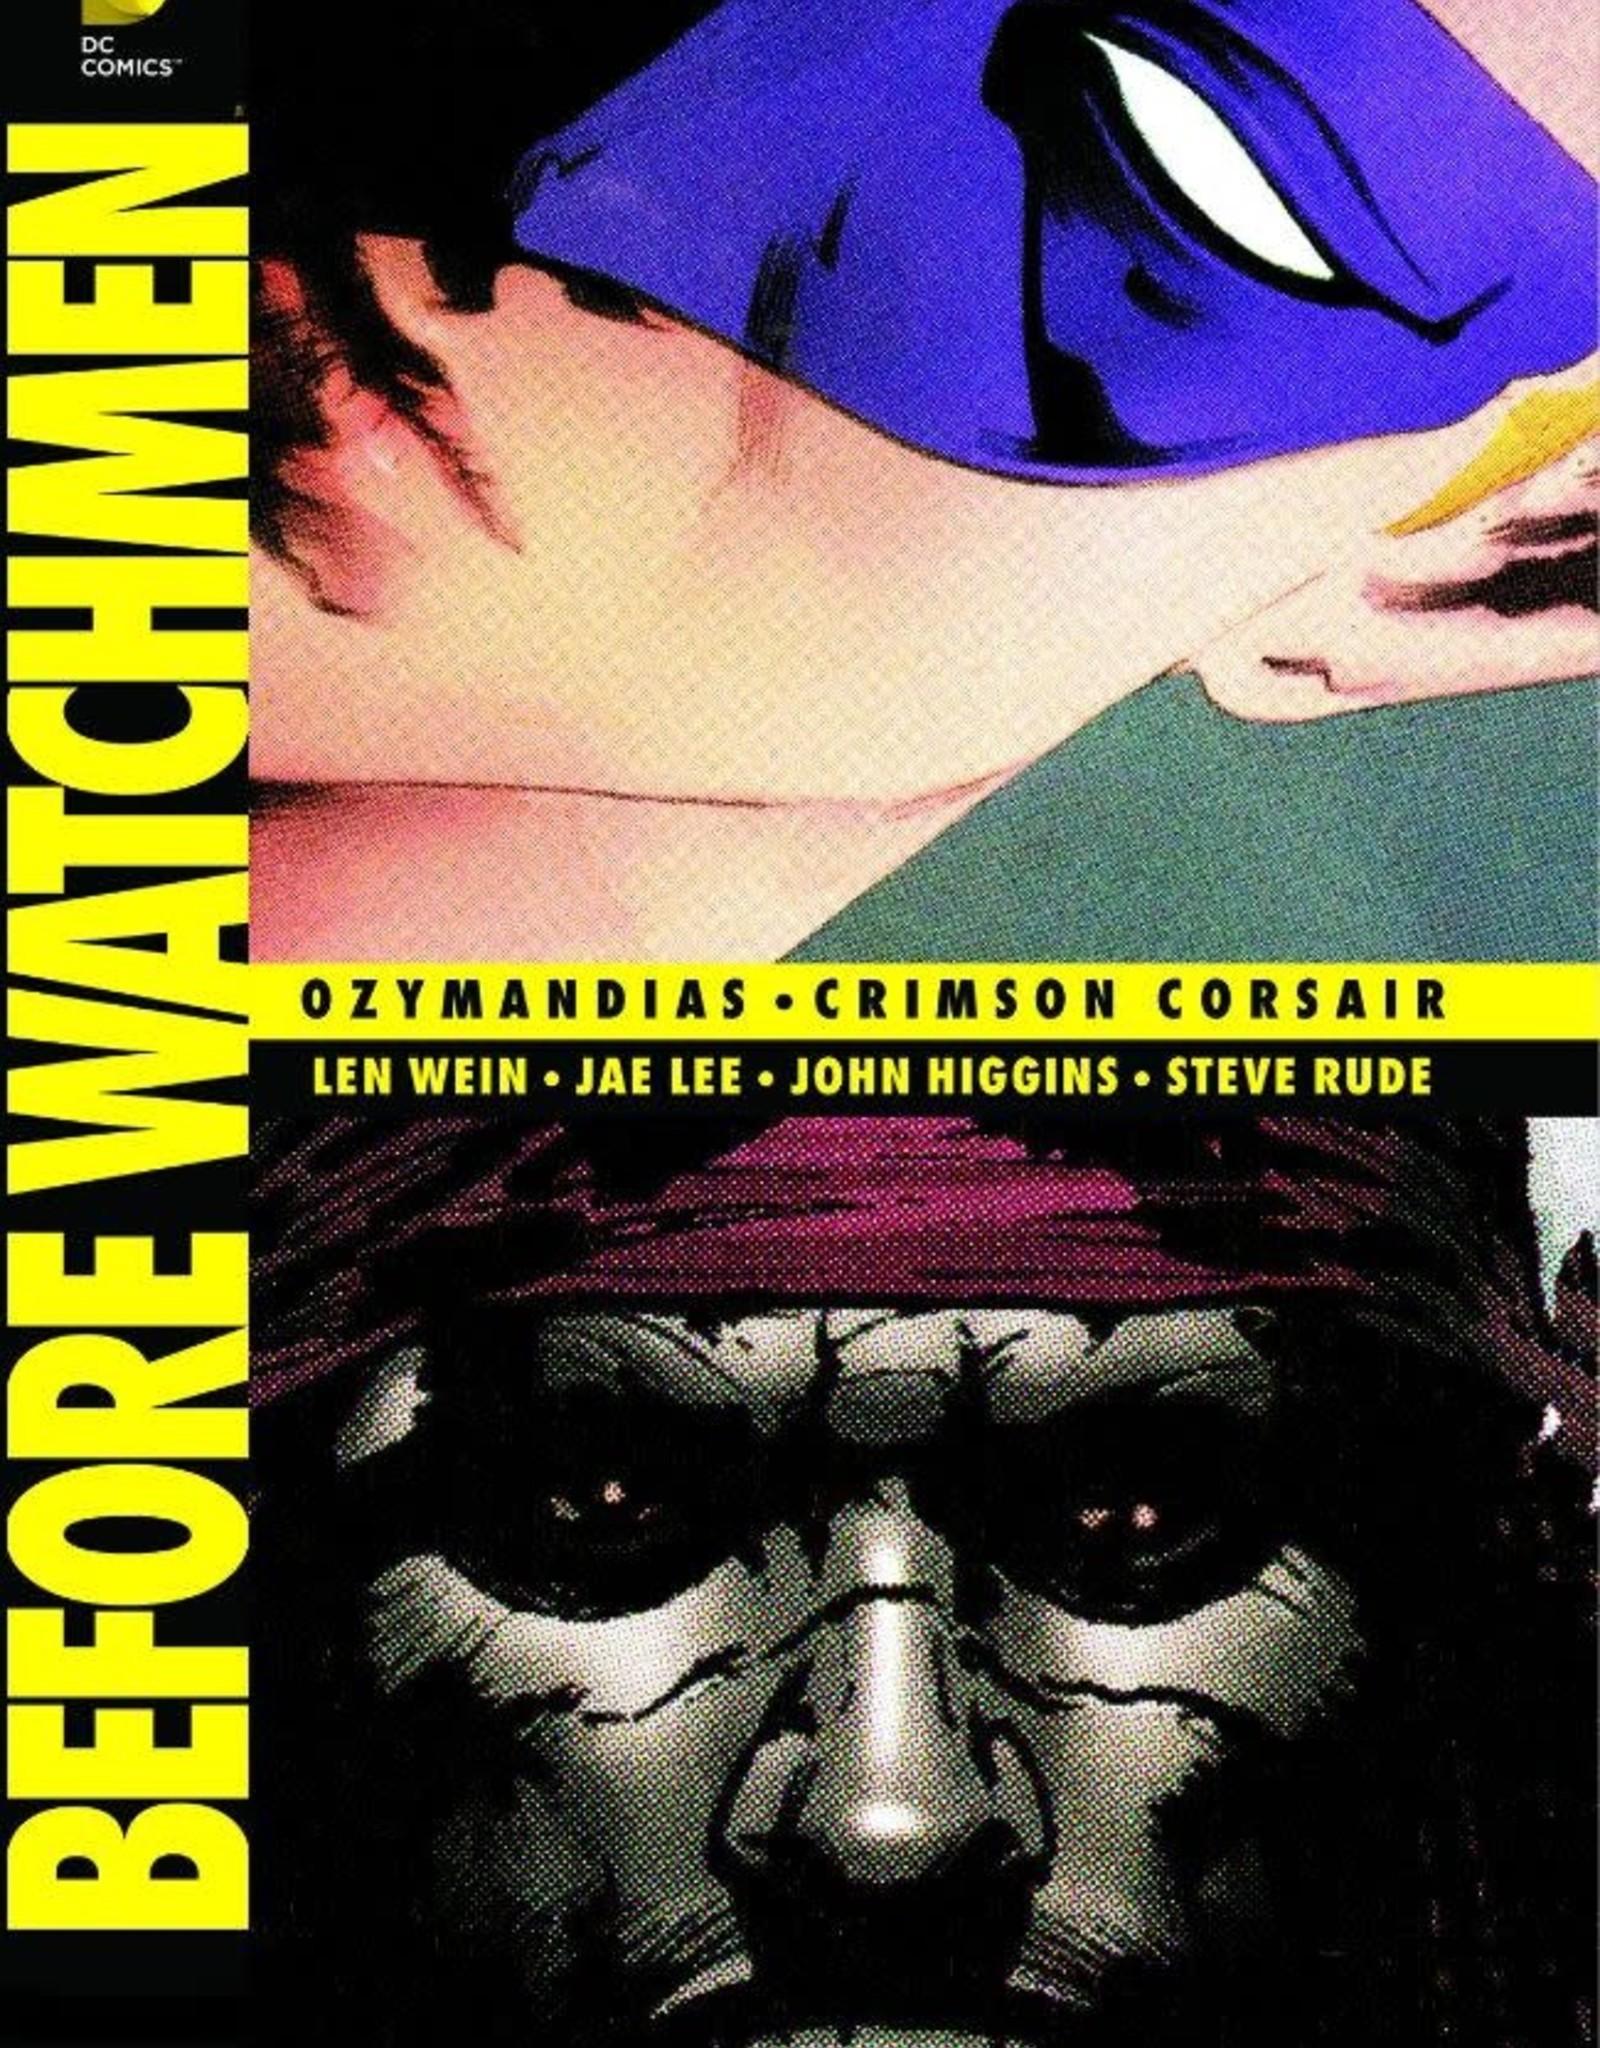 DC Comics Before Watchmen Ozymandias-Crimson Corsair